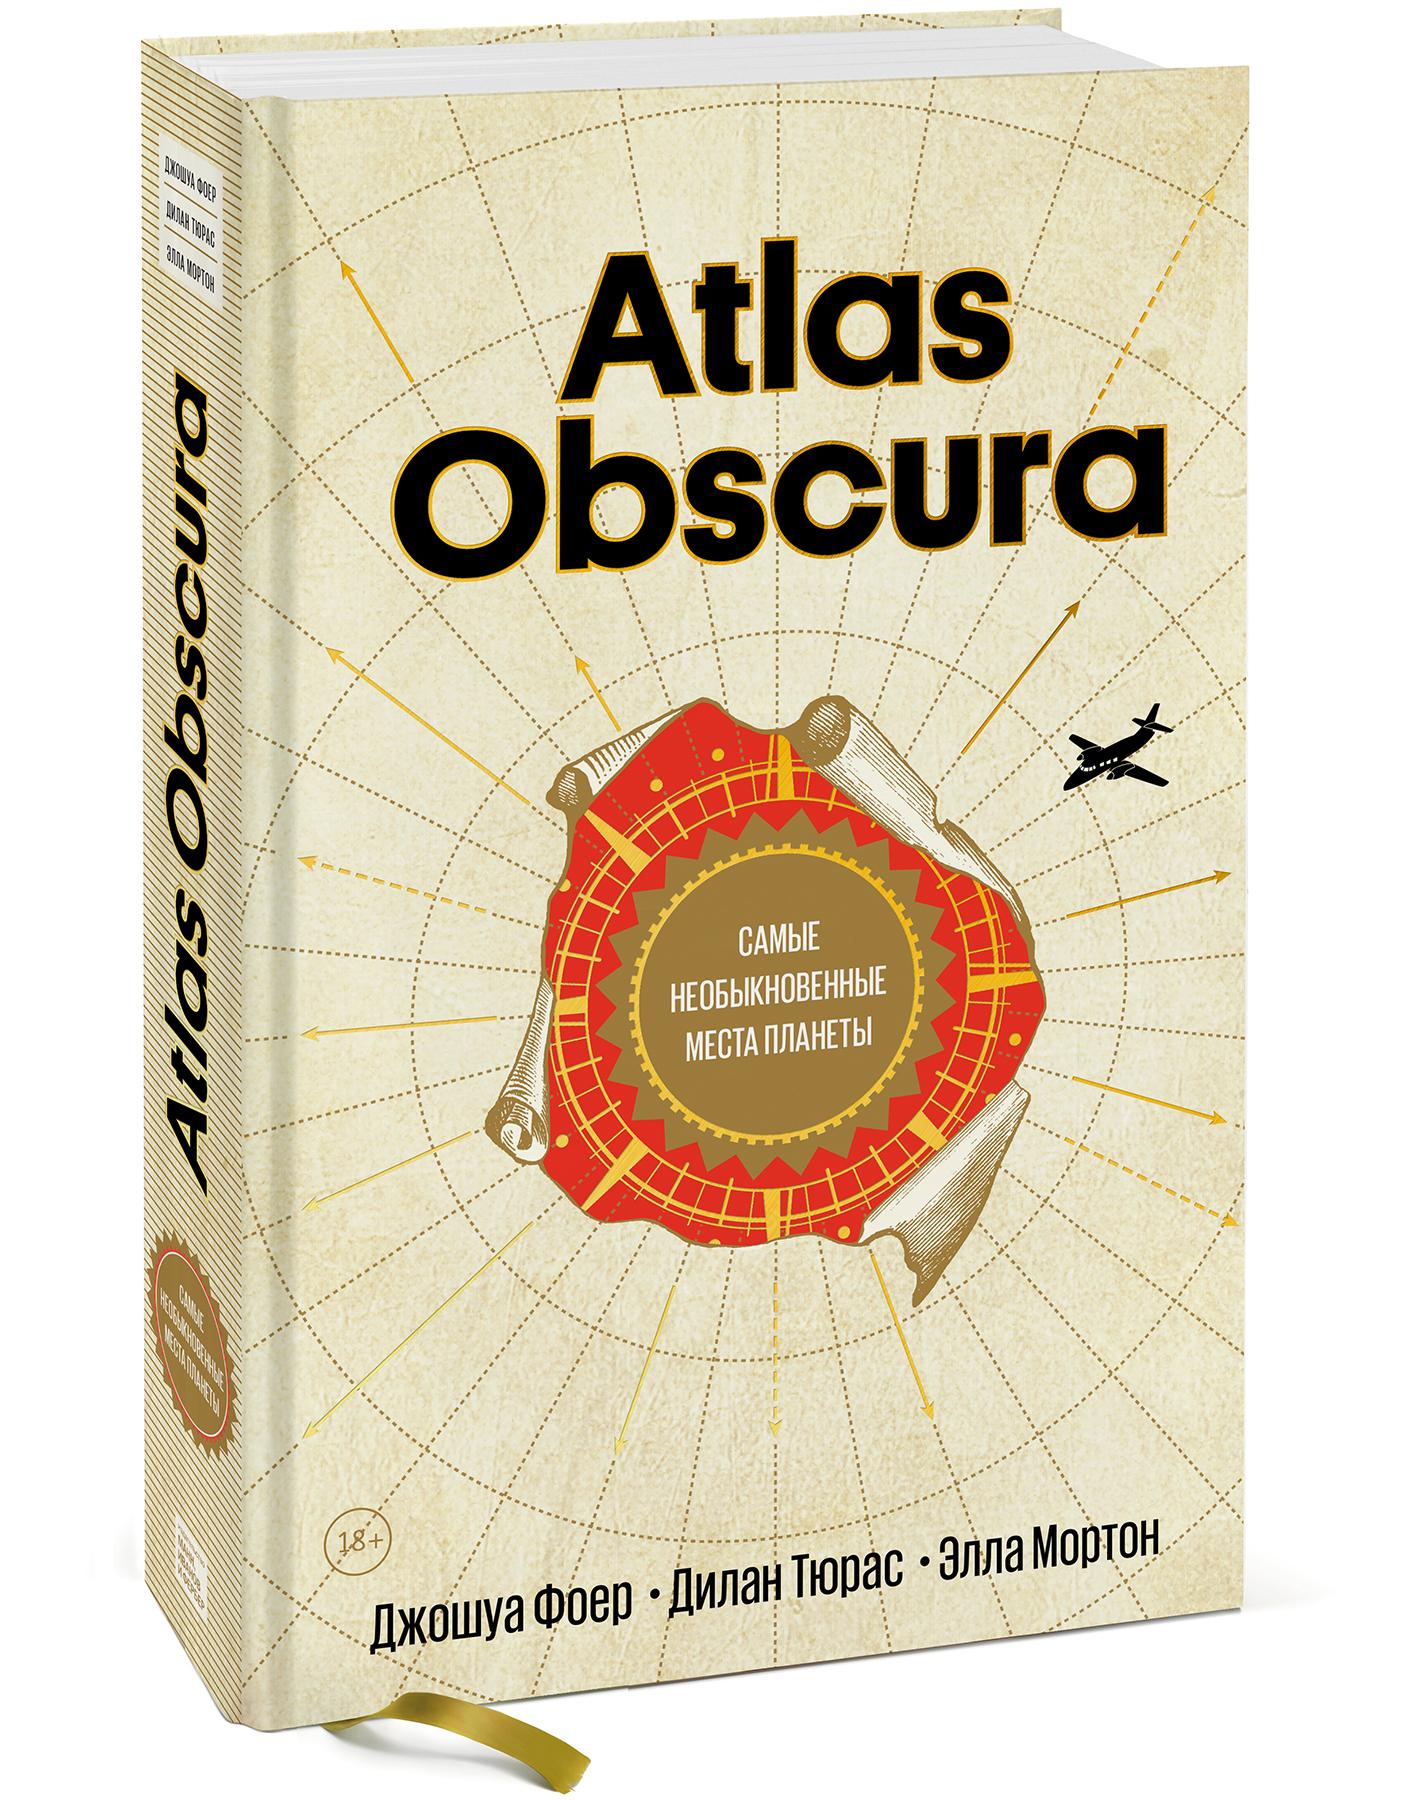 Atlas Obscura. Самые необыкновенные места планеты. Джошуа Фоер, Дилан Тюрас, Элла Мортон